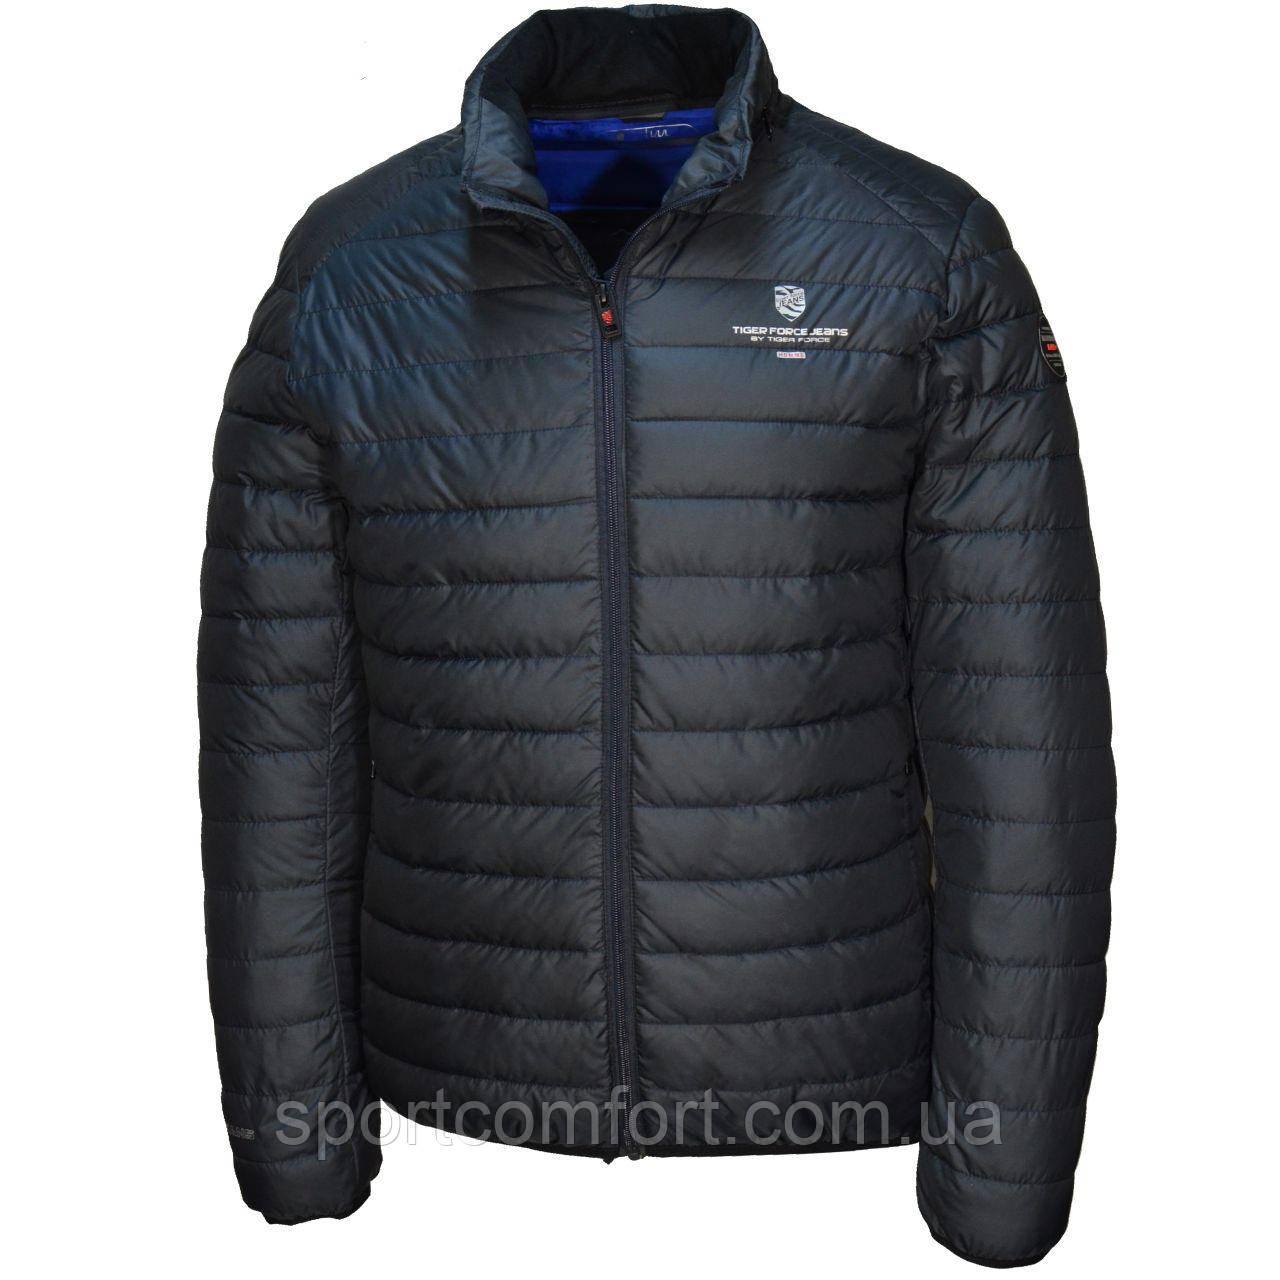 Весенняя куртка Tiger Force т.синяя, бордо,хаки